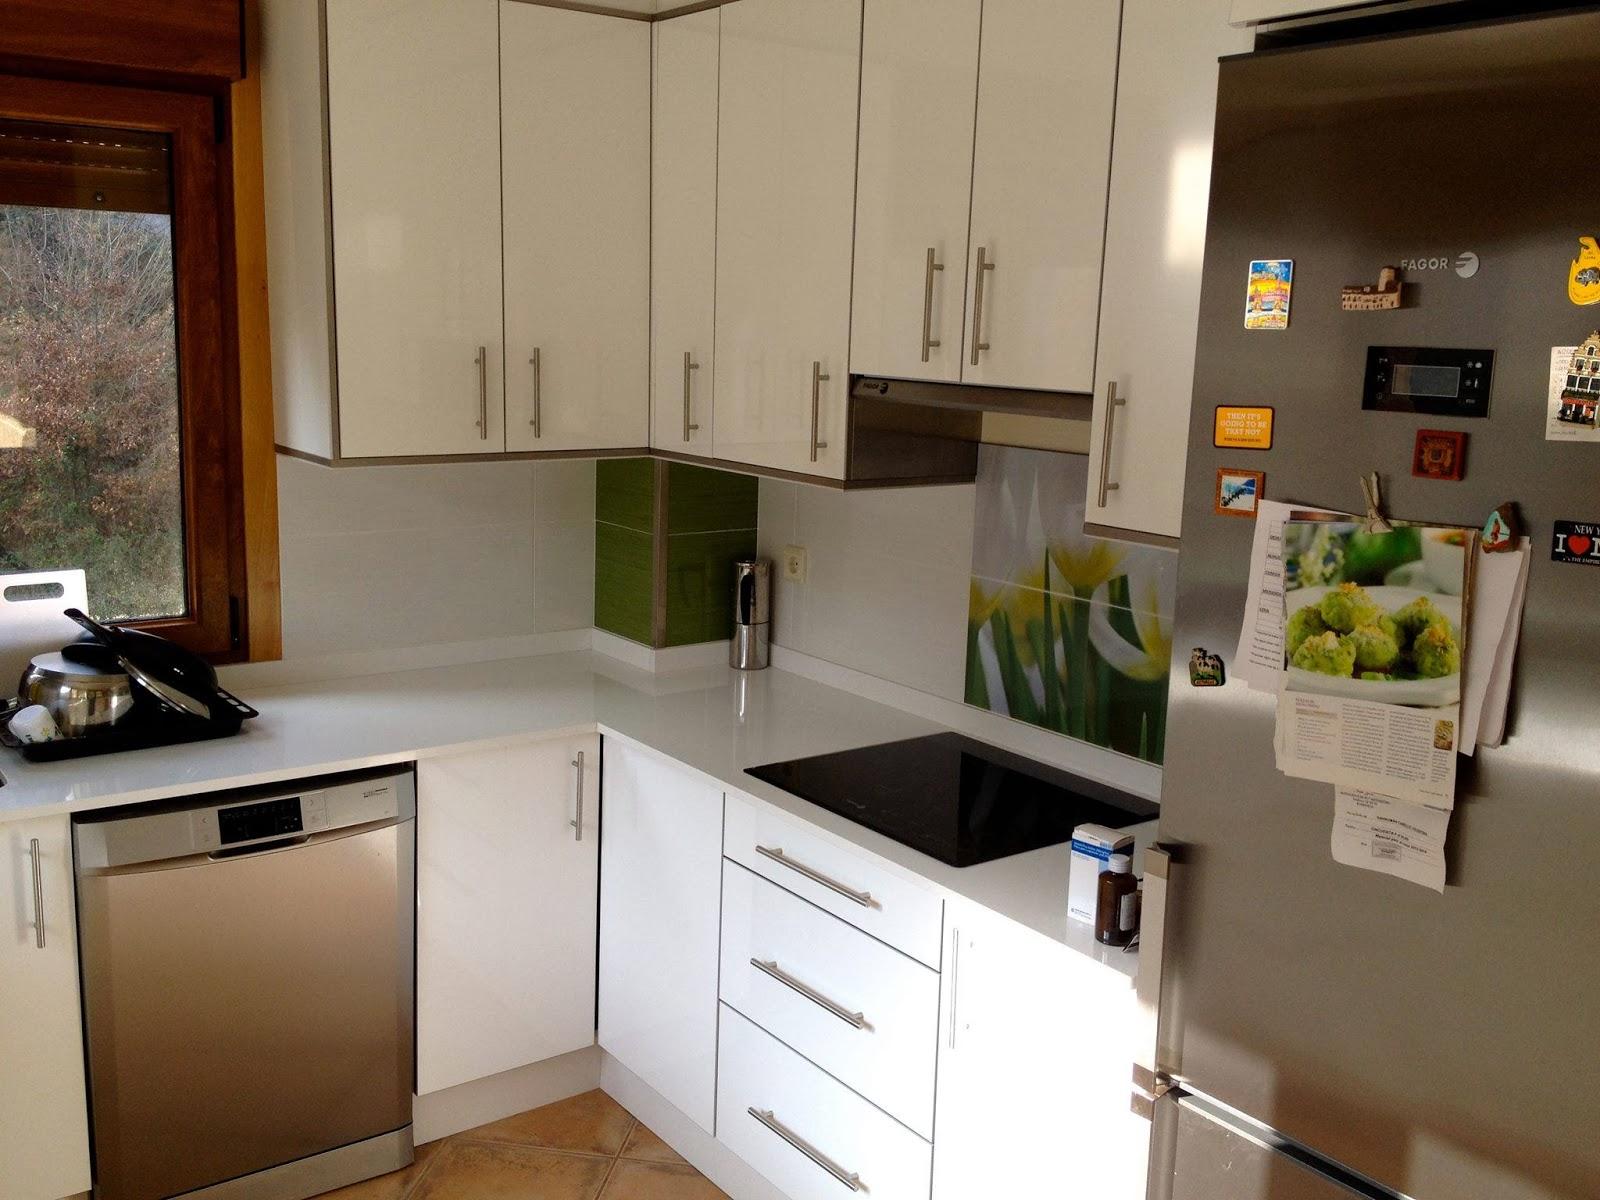 Puertas de cocina de cristal cool armazon modelo remix for Cocinas paralelas